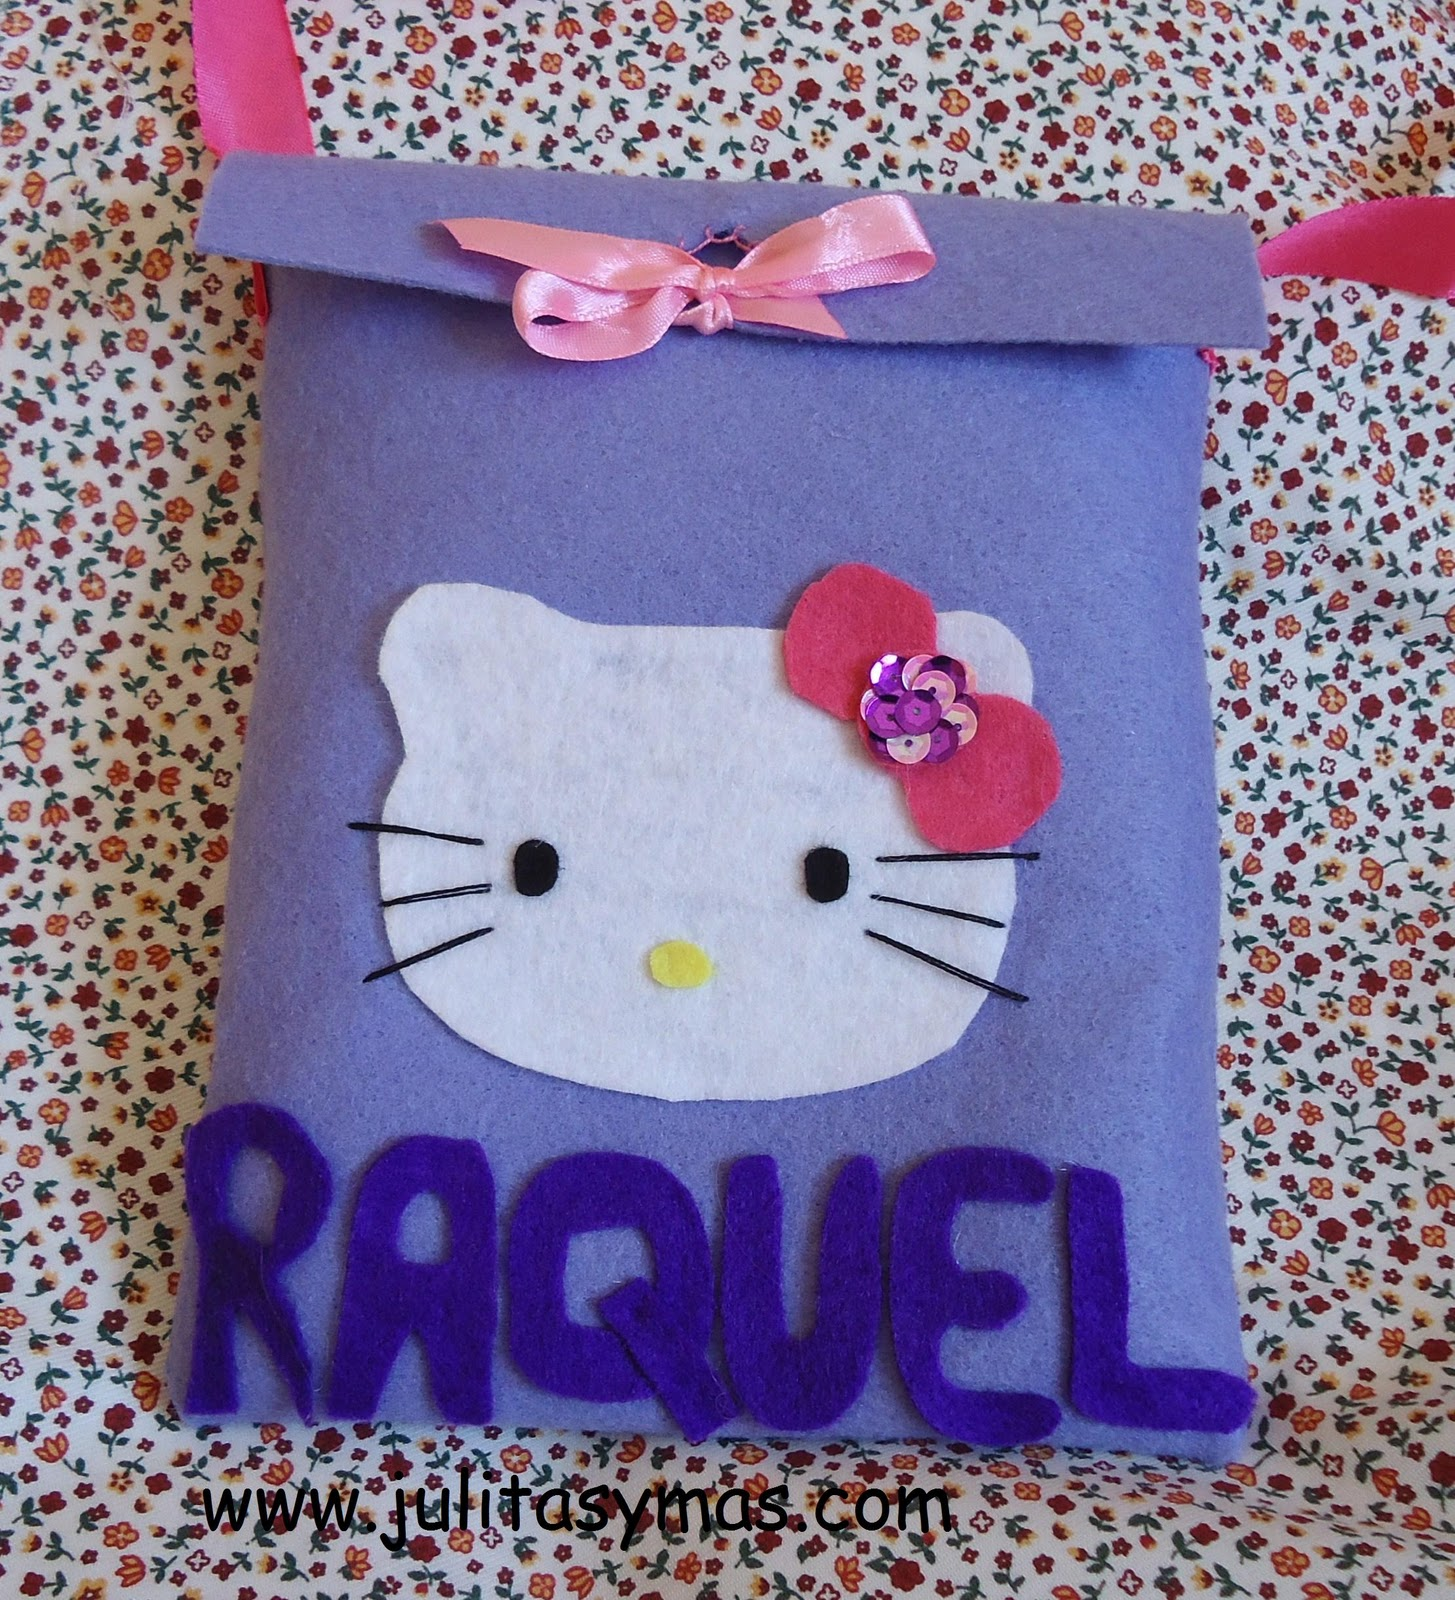 unos bolsos de fieltro hello kitty que he hecho para el cumple de unas